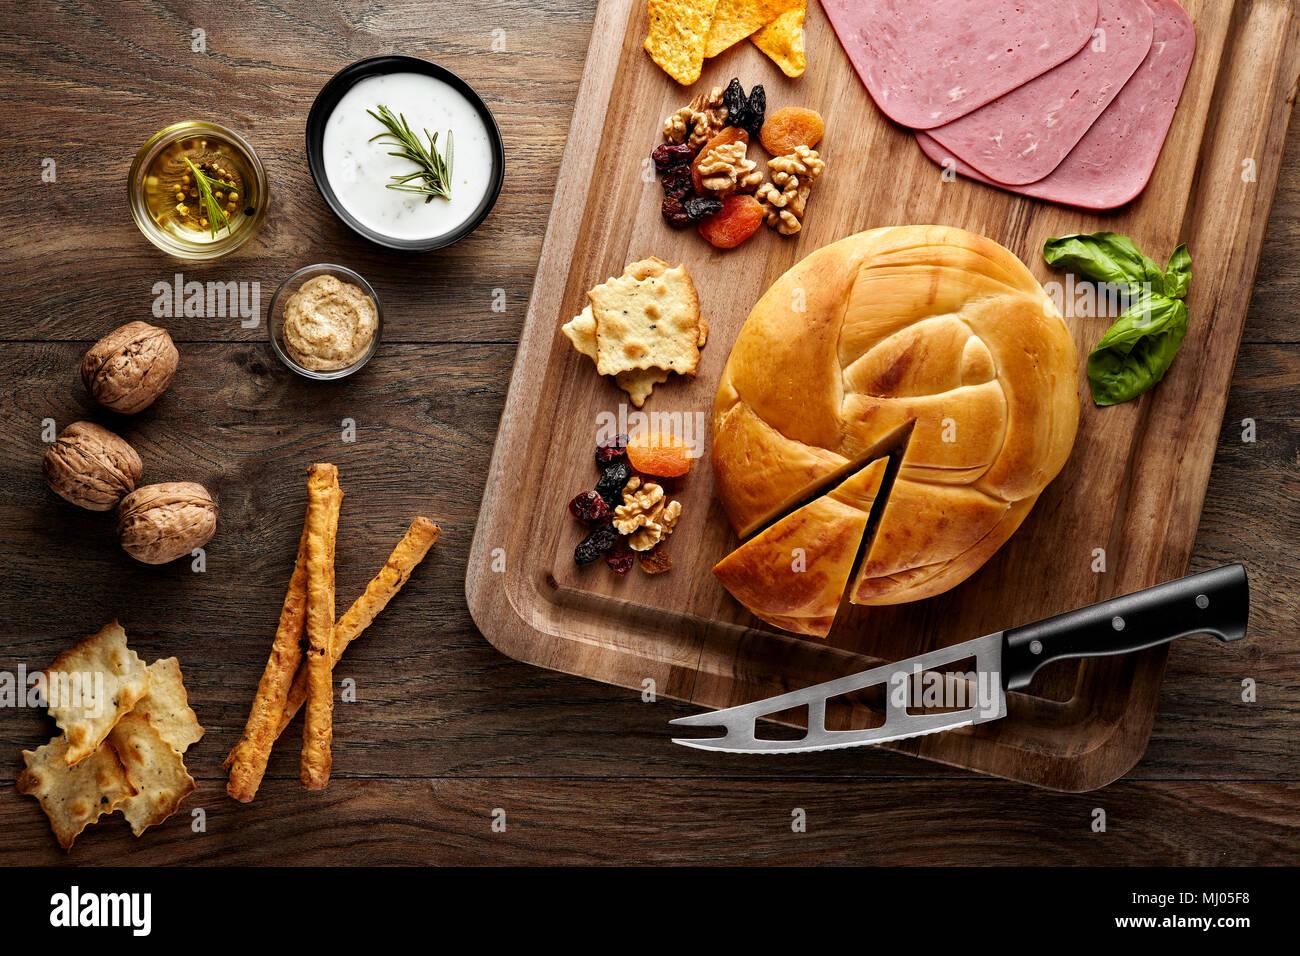 Bagno turco formaggio affumicato su una tavola di legno decorato con puntelli del tagliere di legno, Coltello per formaggio, noci, frutta secca, prosciutto e olio di oliva Immagini Stock